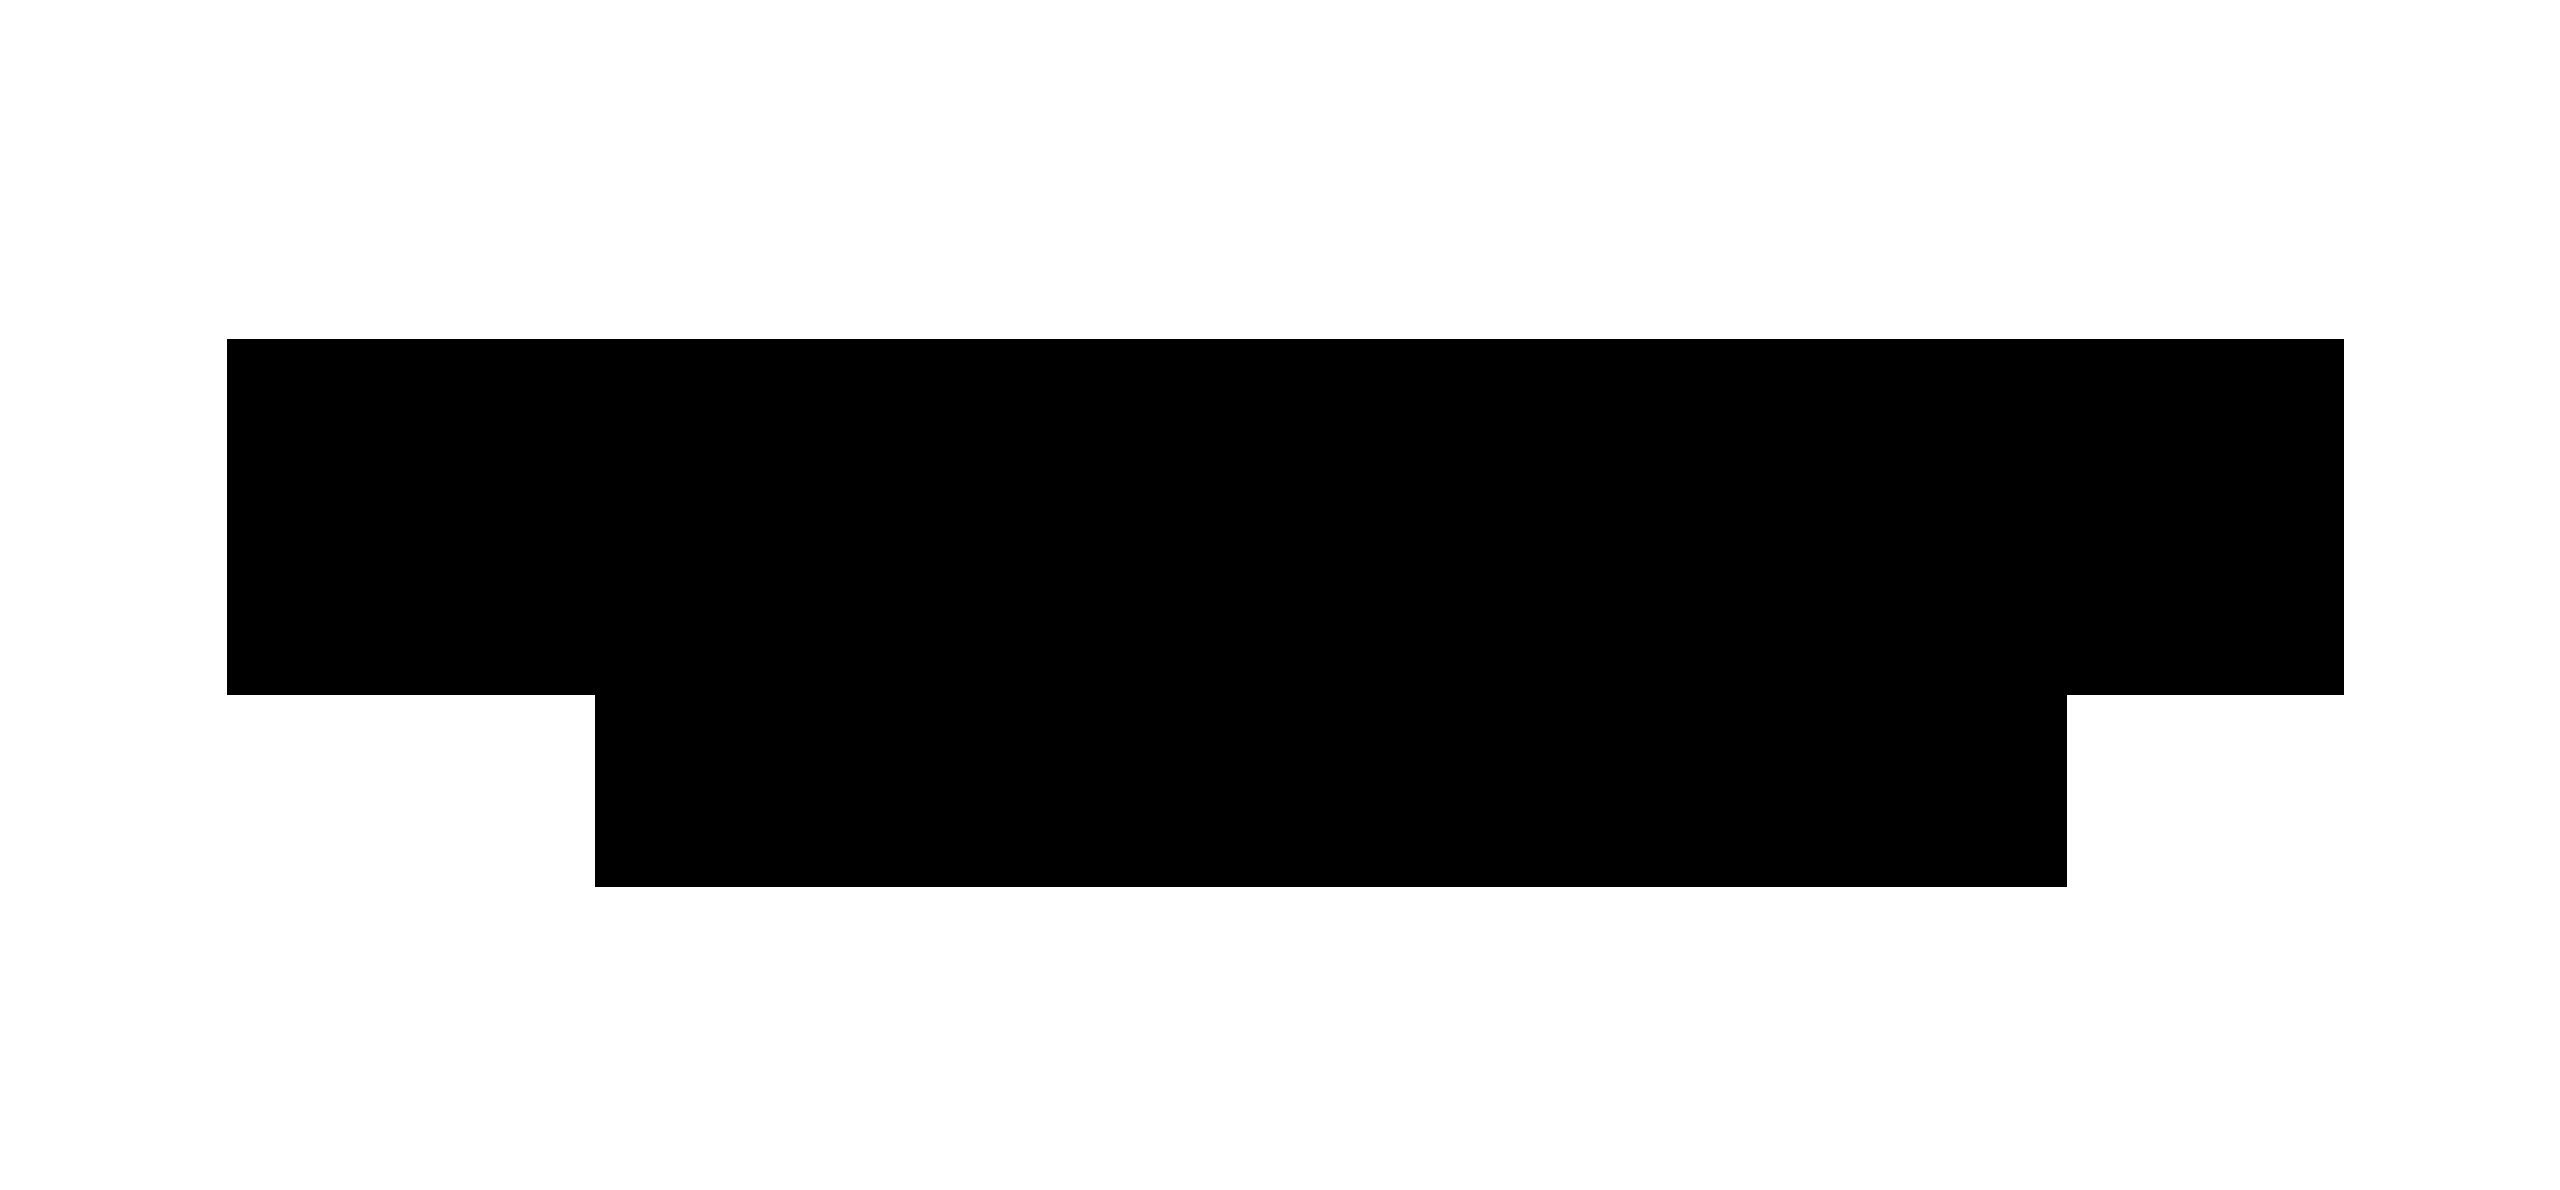 Taller Salamanca